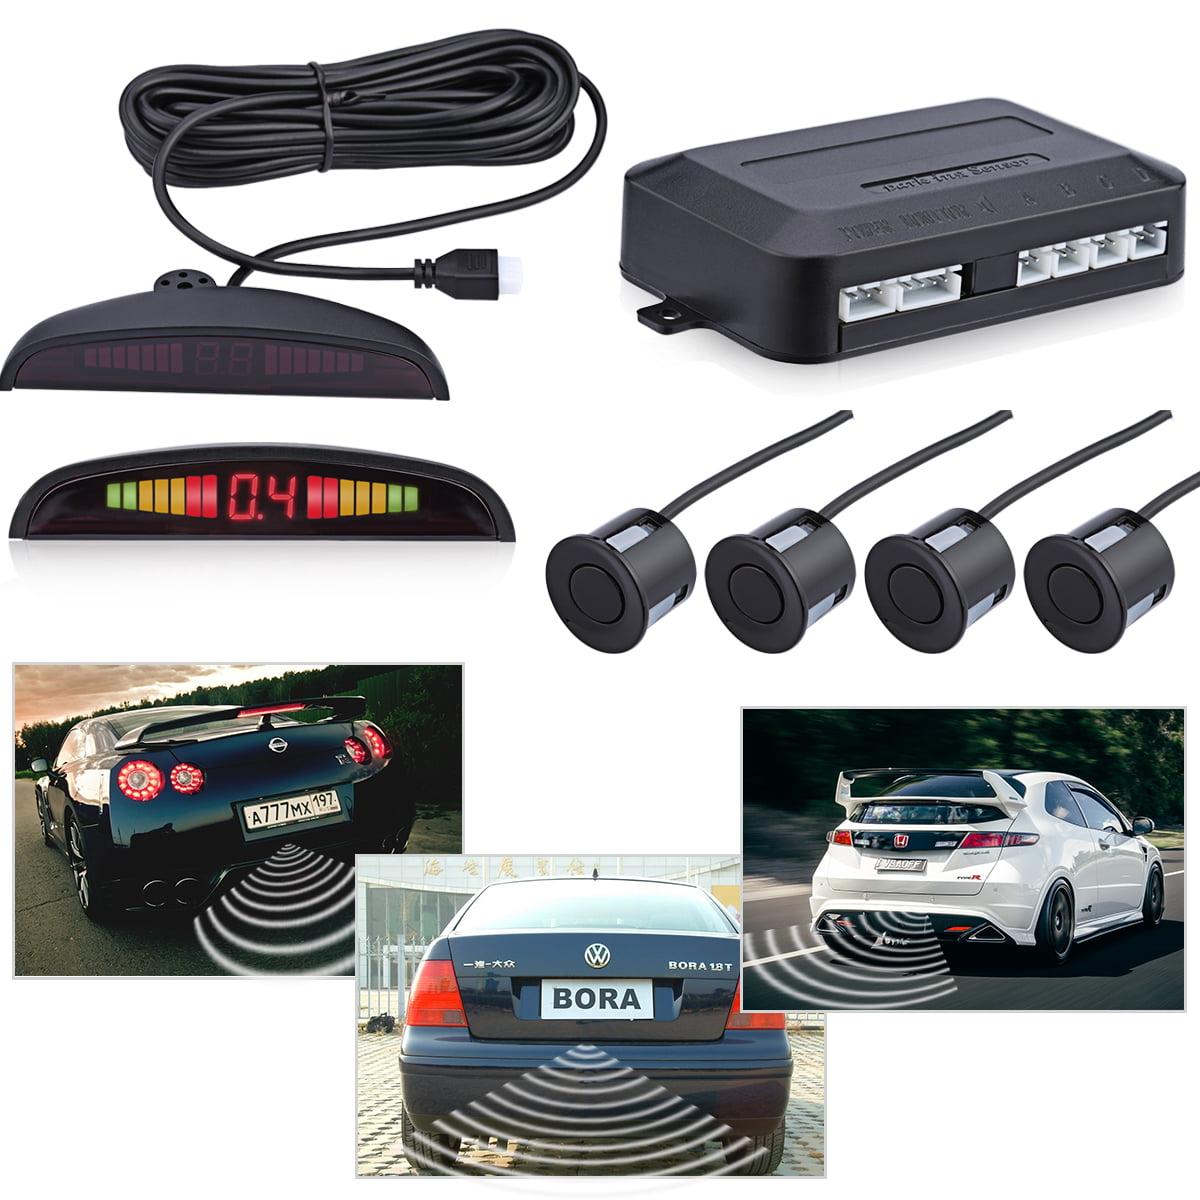 LED Parking Sensor Kit 4 Sensors LED Display Car Auto Backup Reverse Radar